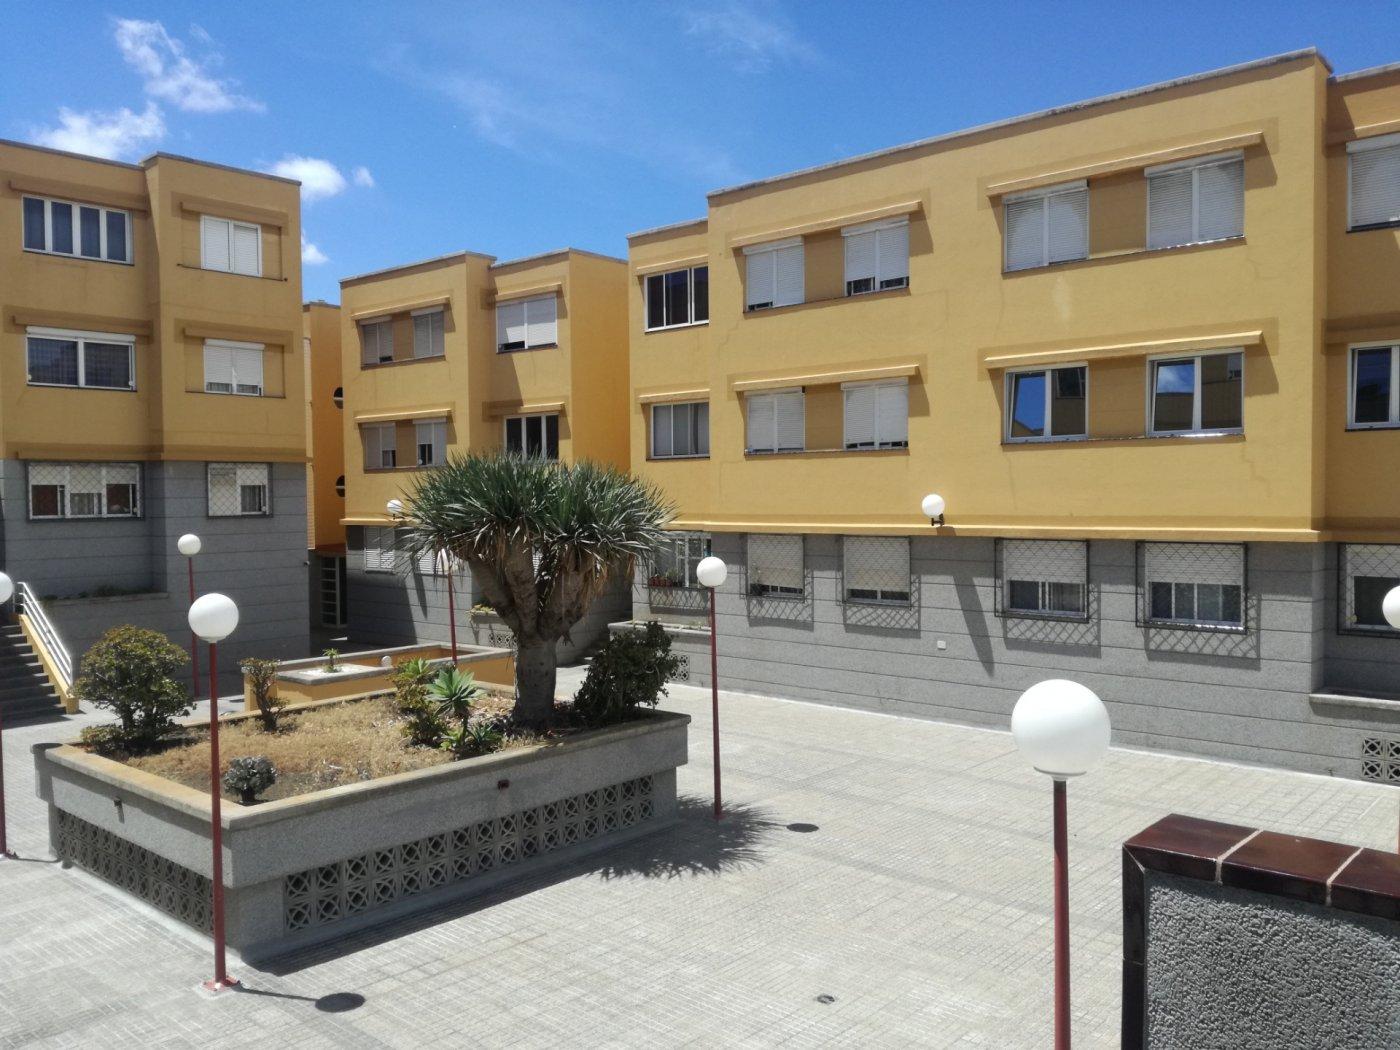 piso en las-palmas-de-gran-canaria · ciudad-alta 158025€